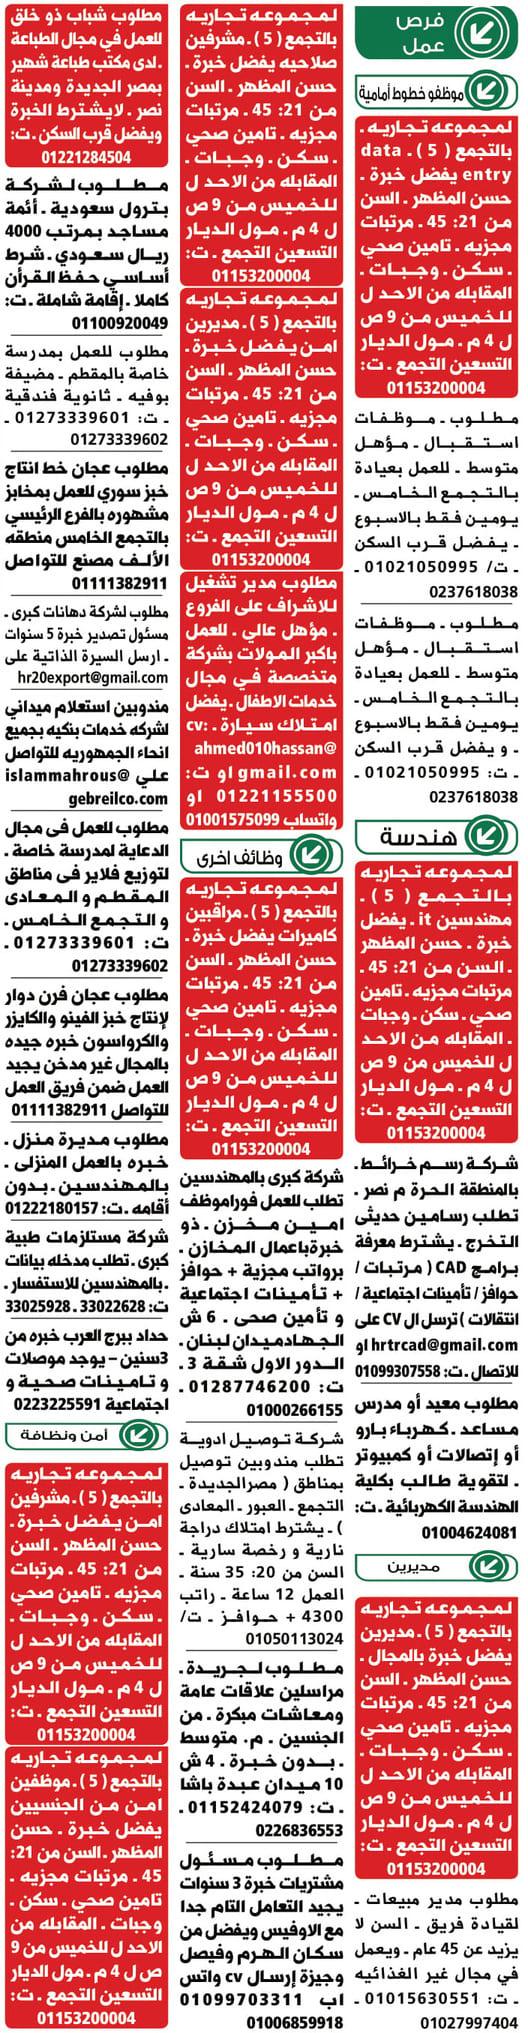 وظائف الوسيط اليوم القاهرة والجيزة الجمعة 20 مارس وظائف خالية 20 3 2020 وظيفة كوم وظائف اليوم